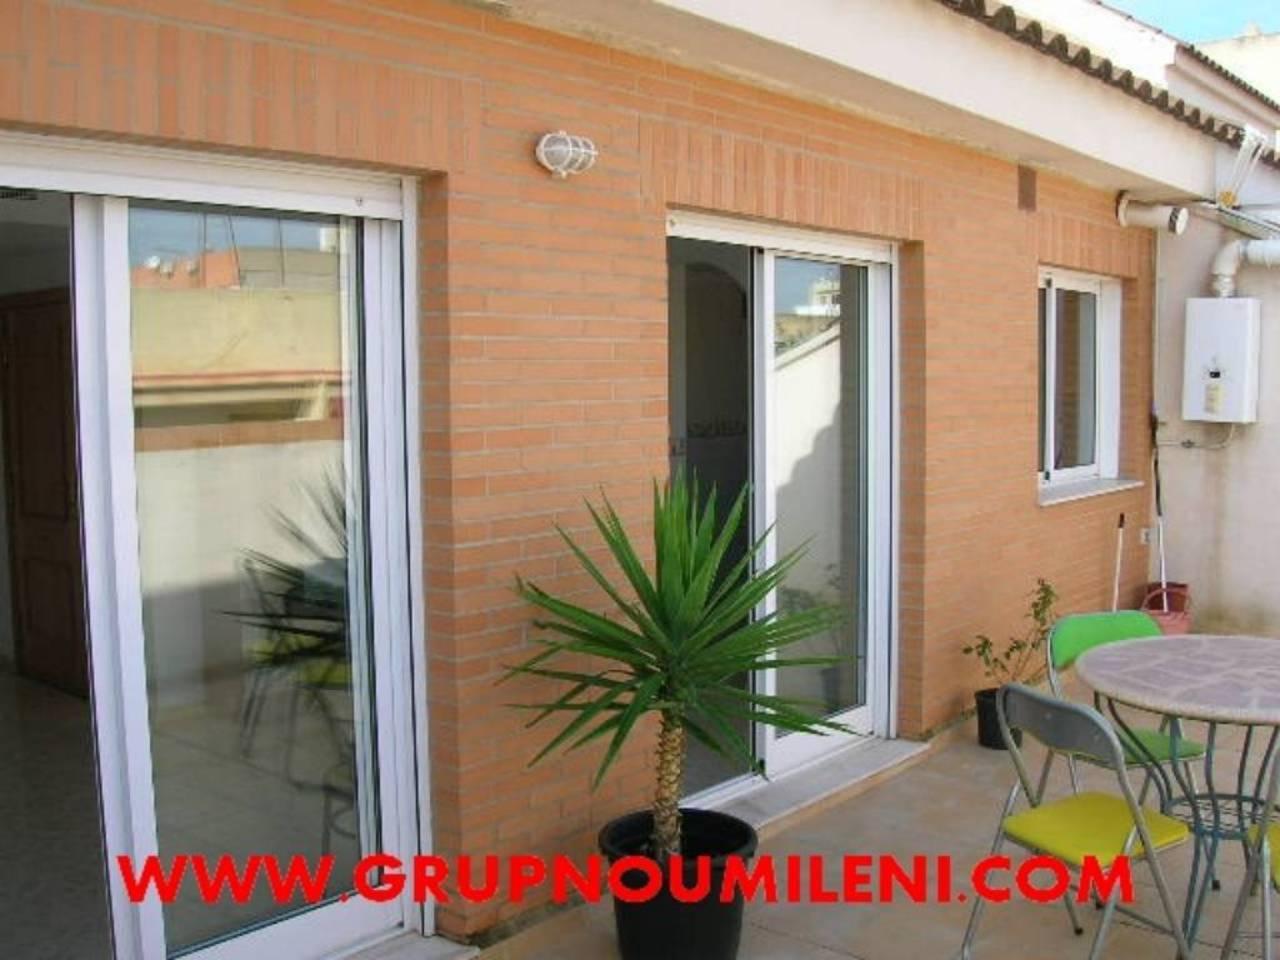 Location Appartement  Albal. Superf. 100 m²,  3 habitaciones (3 dobles),  2 baños, cocina (el